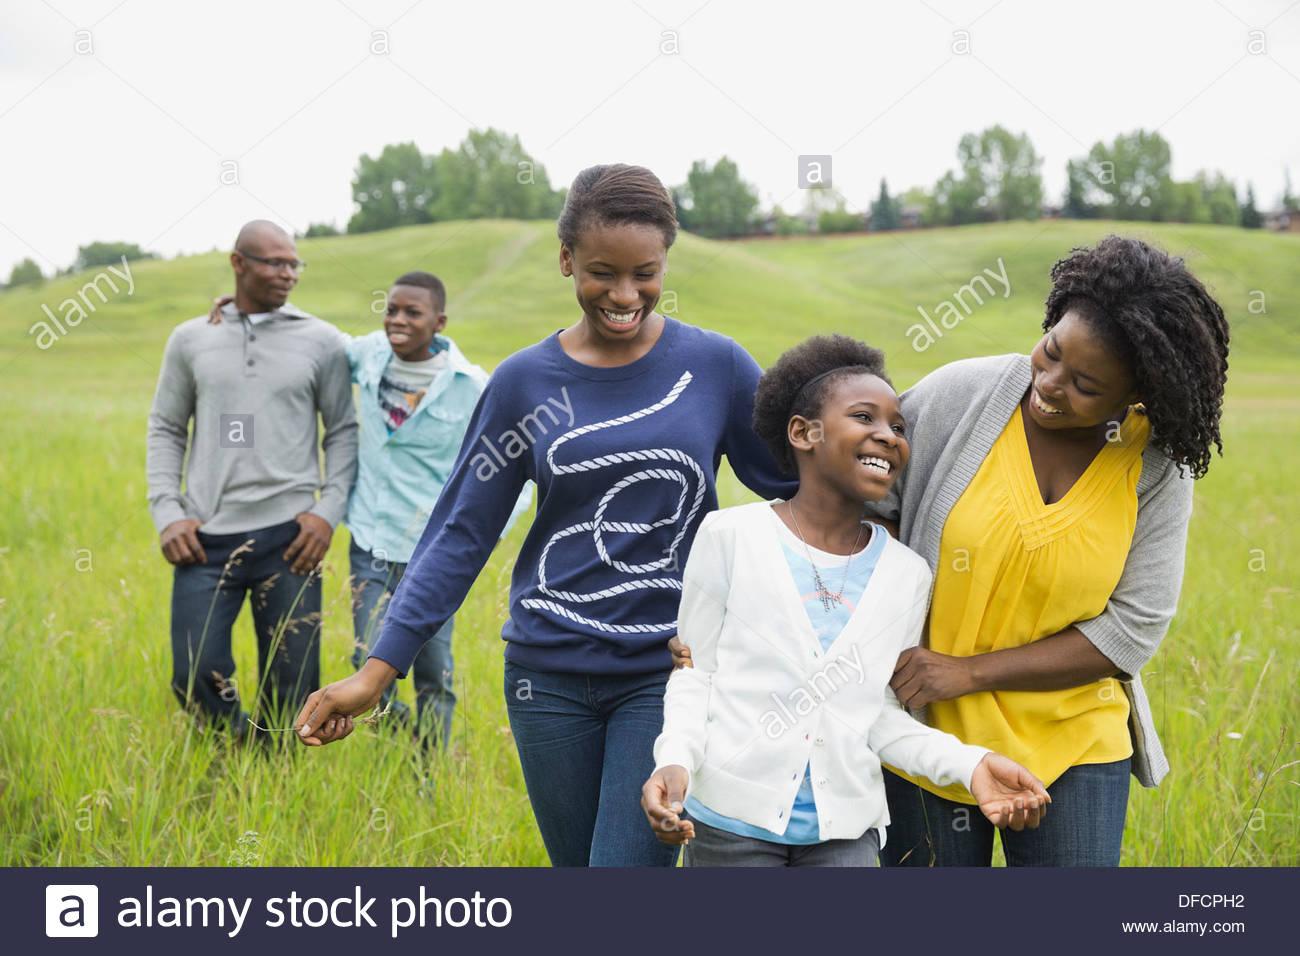 Famiglia camminare insieme attraverso il campo Immagini Stock